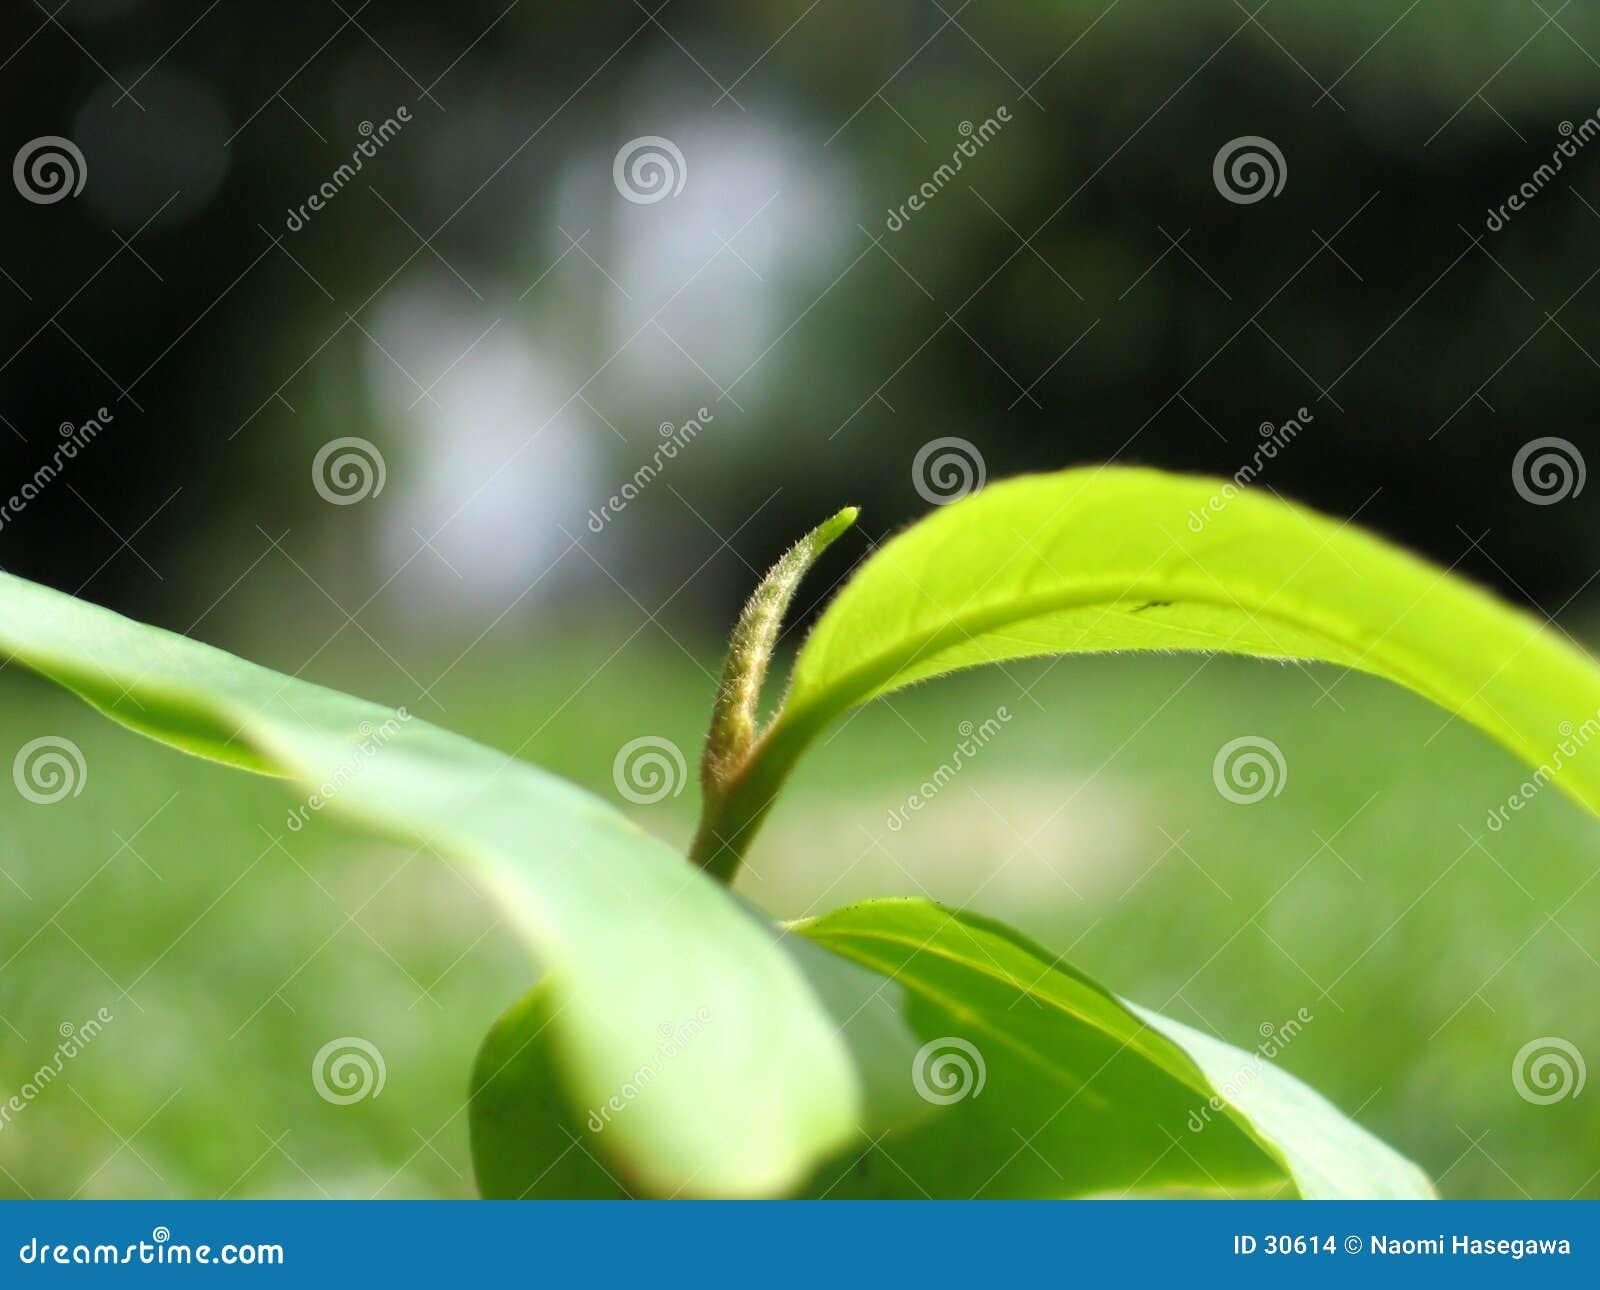 Download Anlage stockfoto. Bild von frech, blatt, grün, blätter, betrieb - 30614